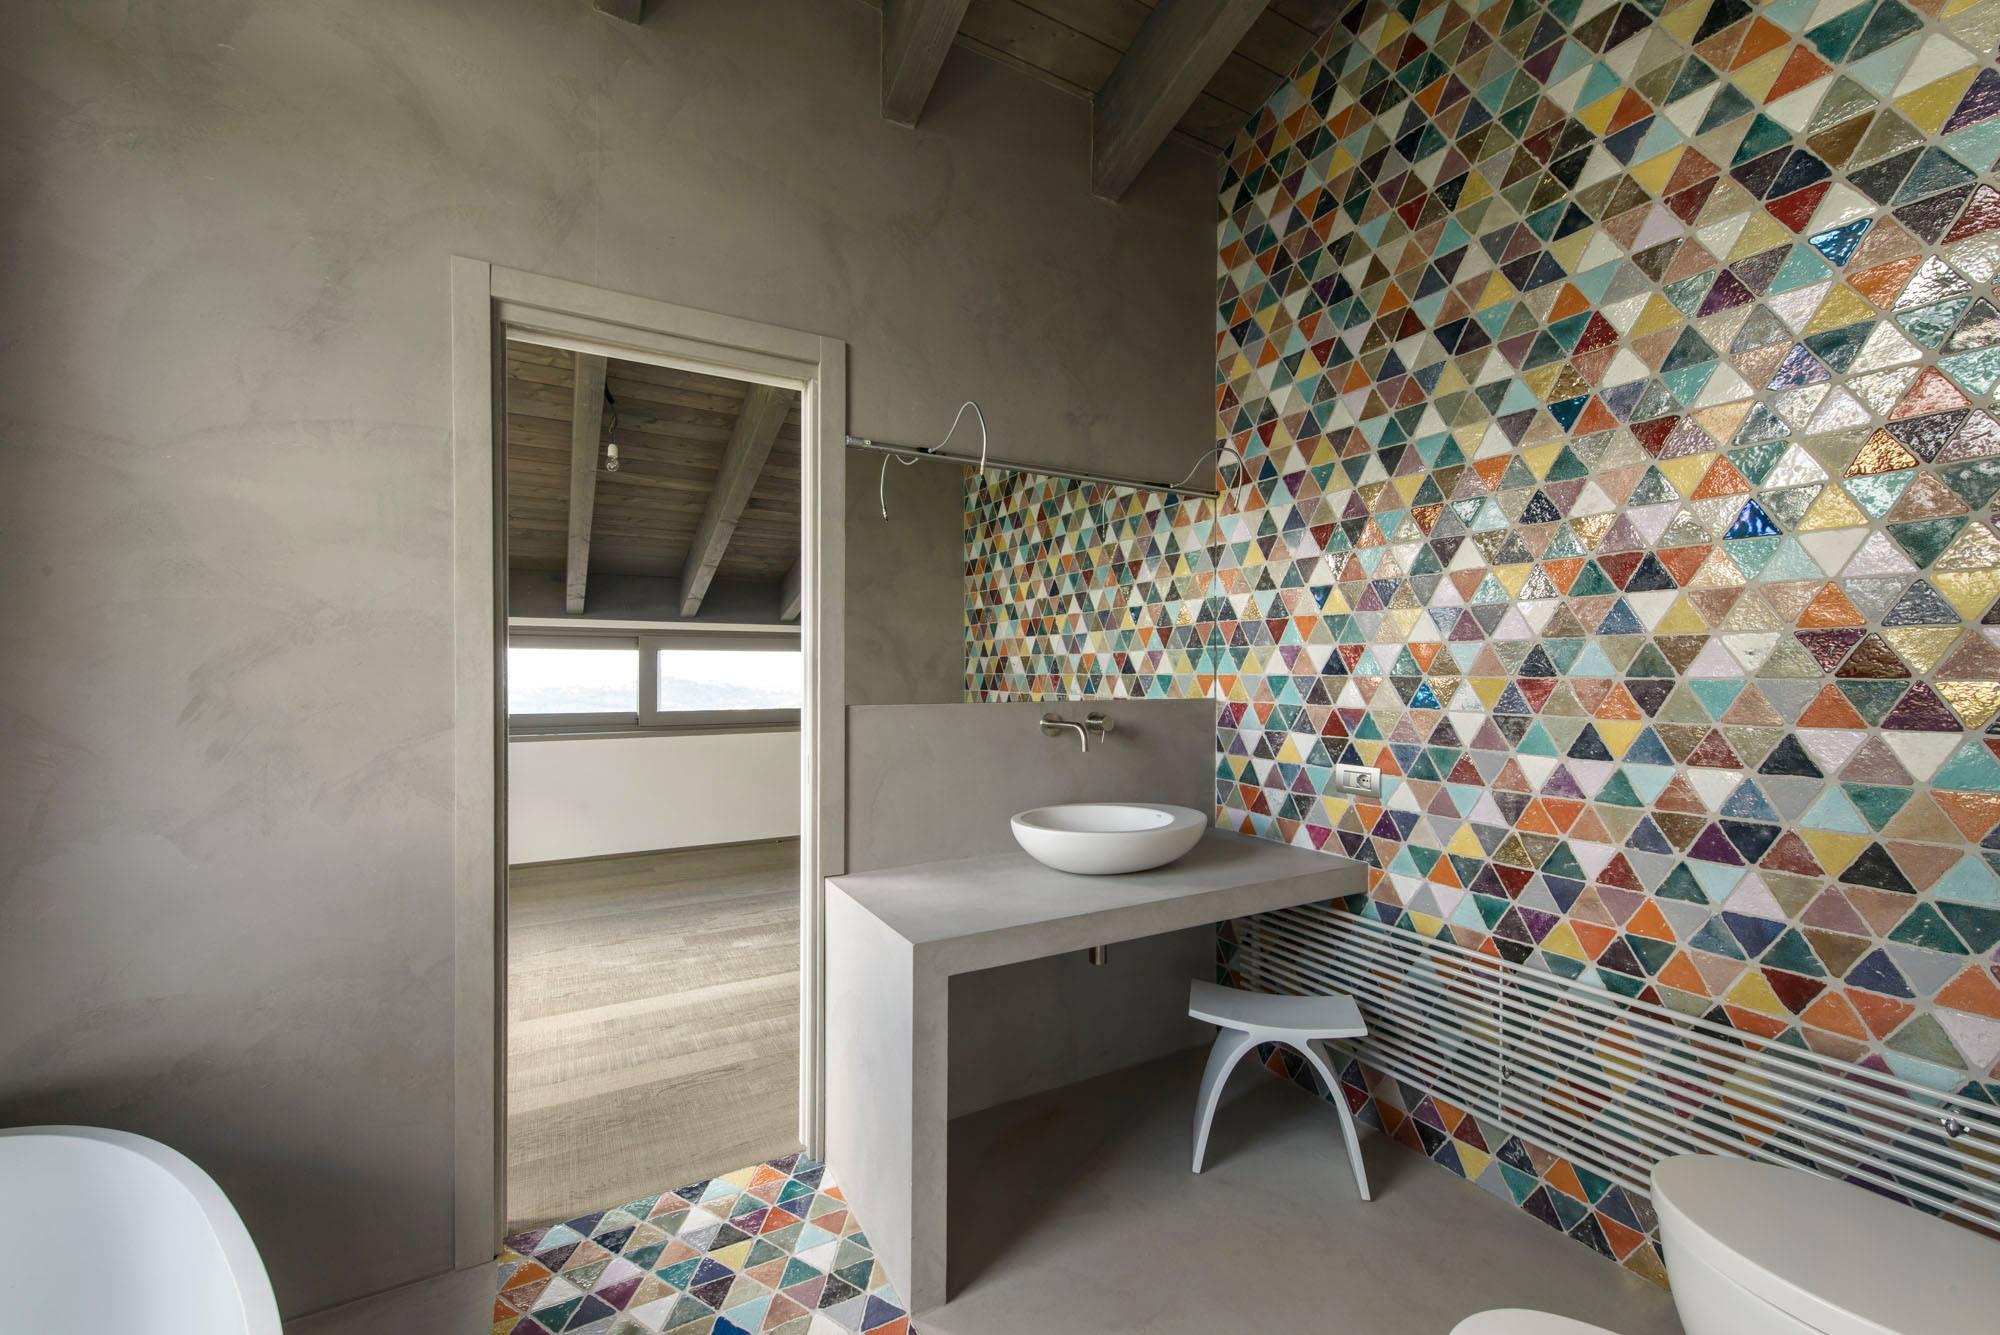 obklady do koupelny malované handmade, moderní koupelna, retro koupelna